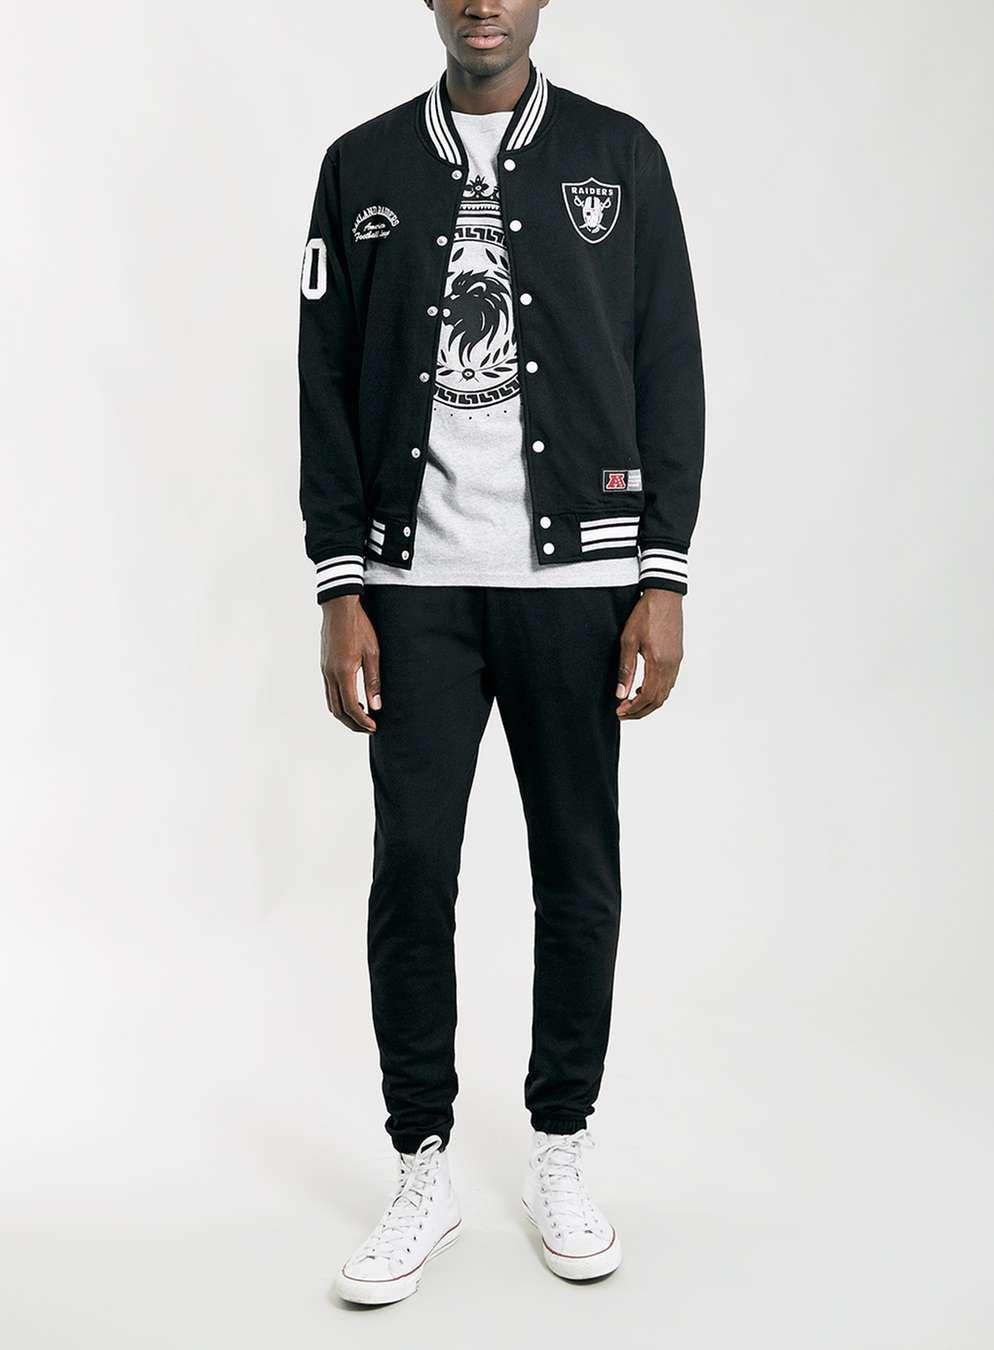 Raiders Varsity Jacket | Vintage Raiders Starter Jacket | Nba Bomber Jacket